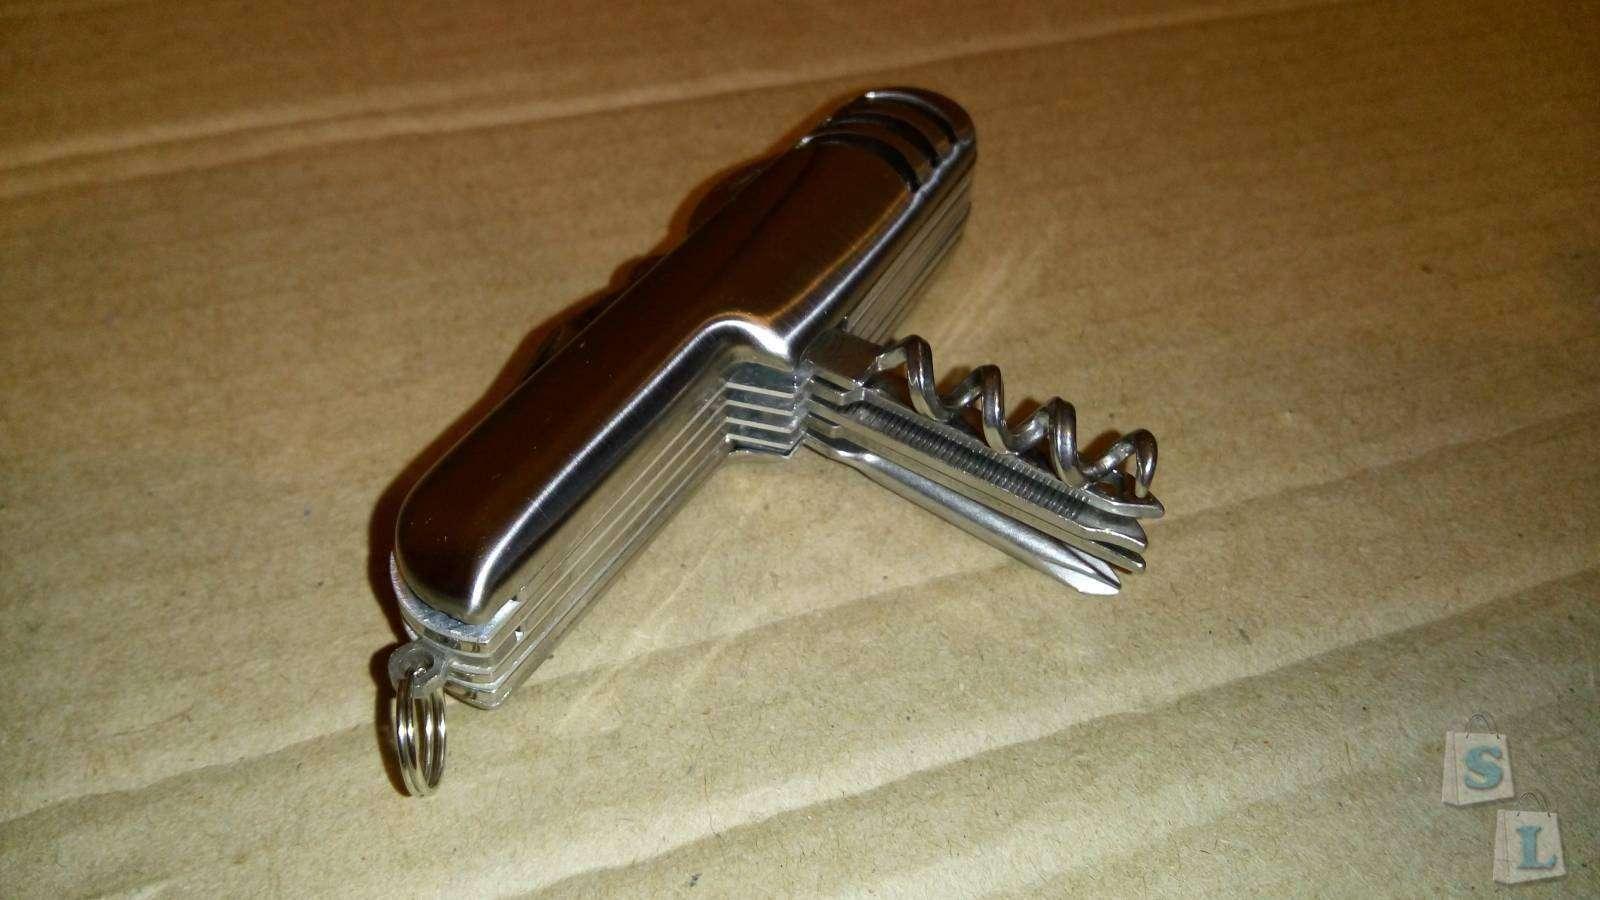 DealExtreme: Обзор складного швейцарского ножа с металлической ручкой. 11 инструментов